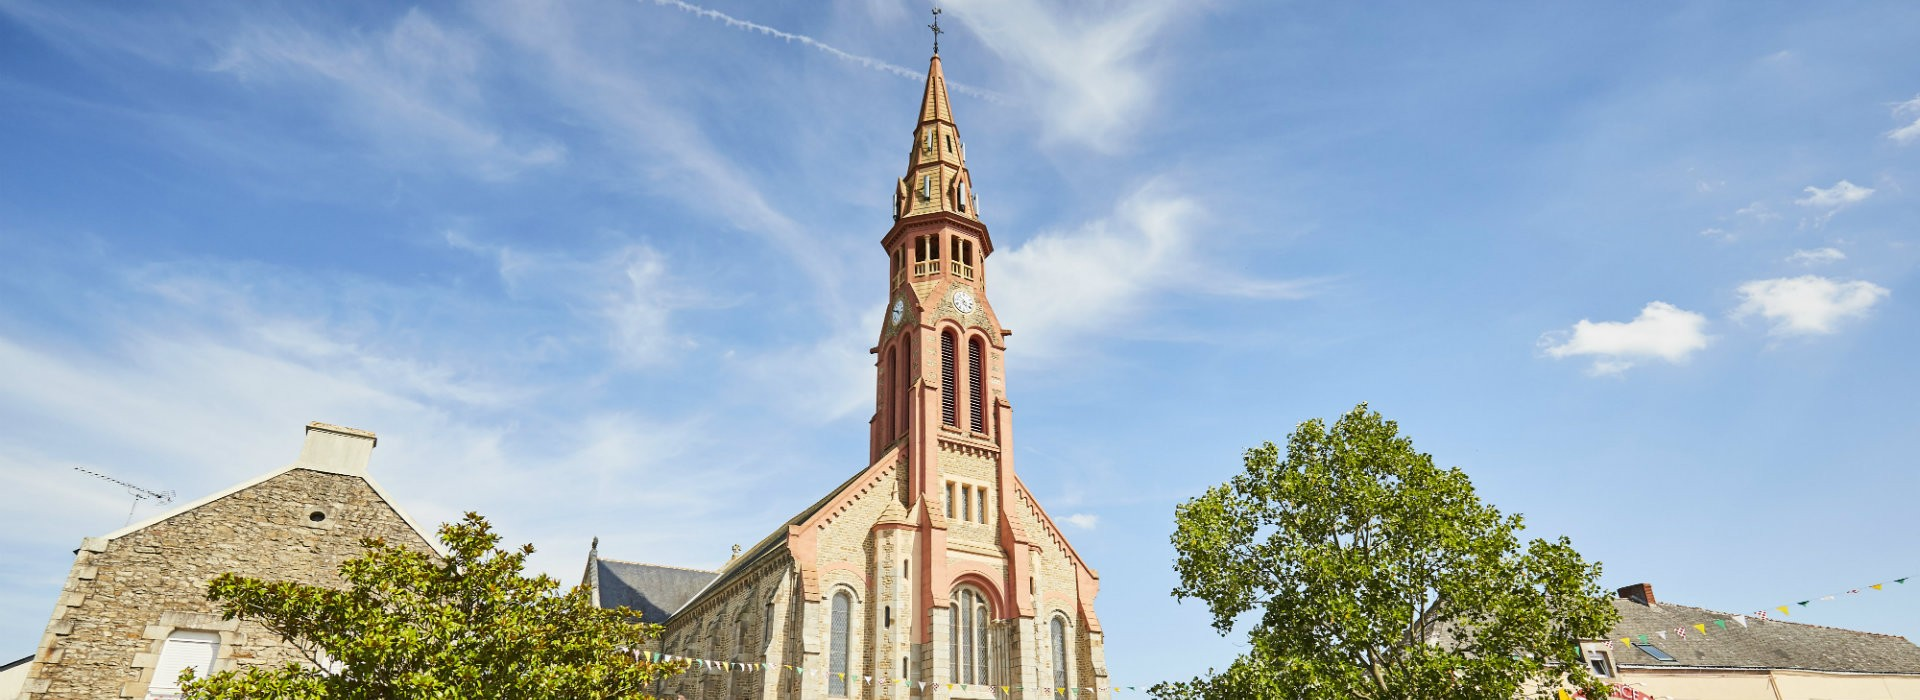 Clocher de Saint-Lyphard